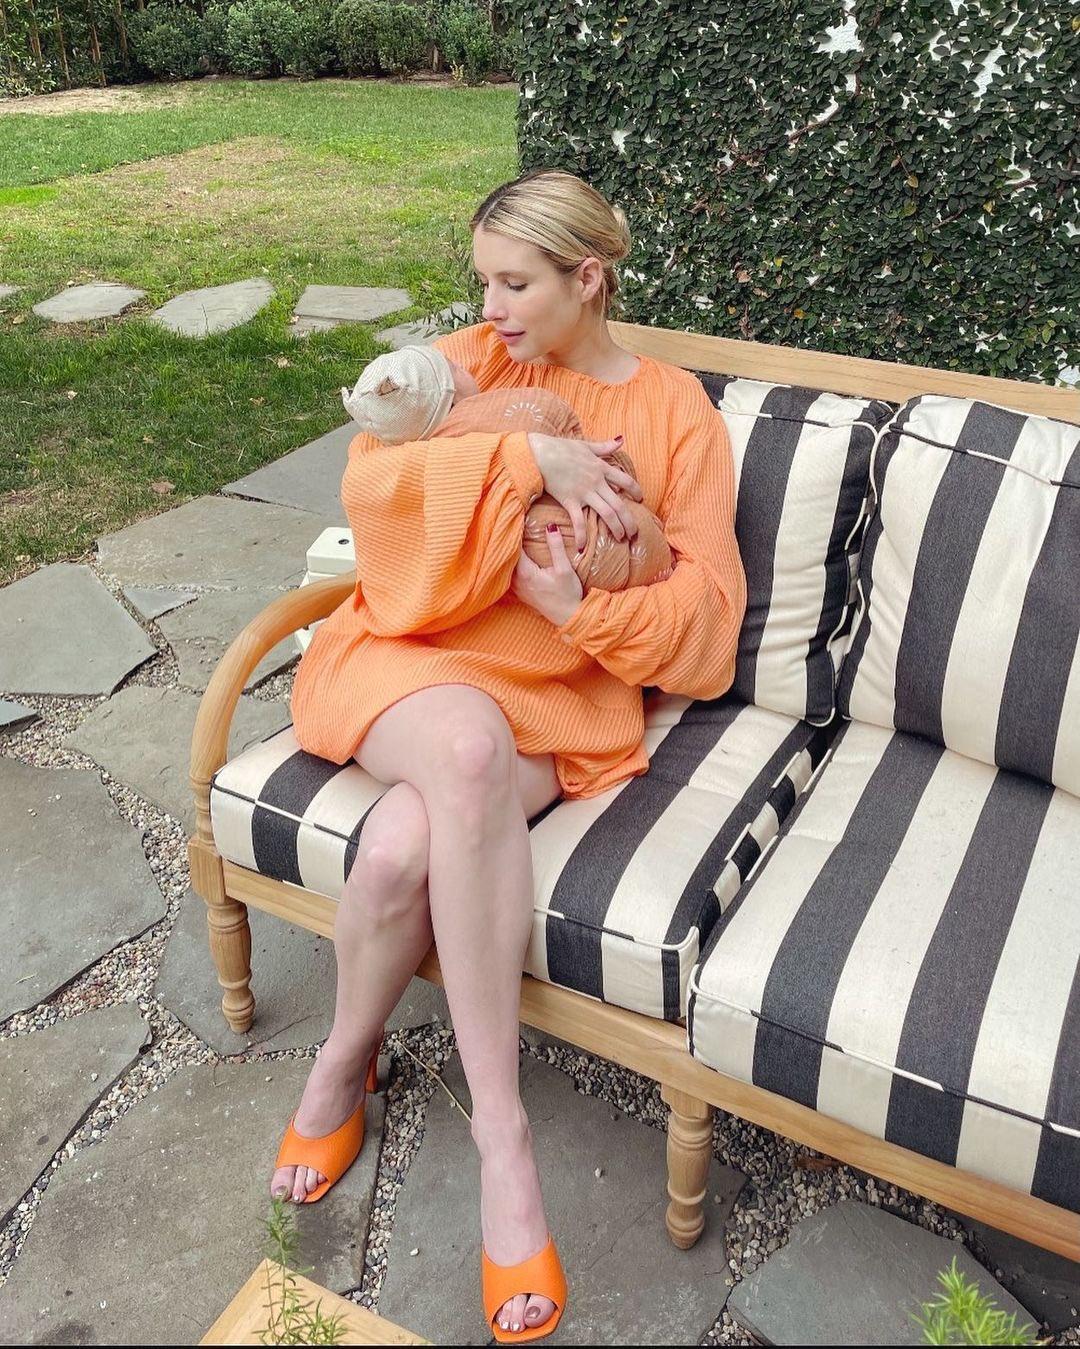 emma-roberts-shares-first-photo-of-her-baby-boy-rhodes-hedlund